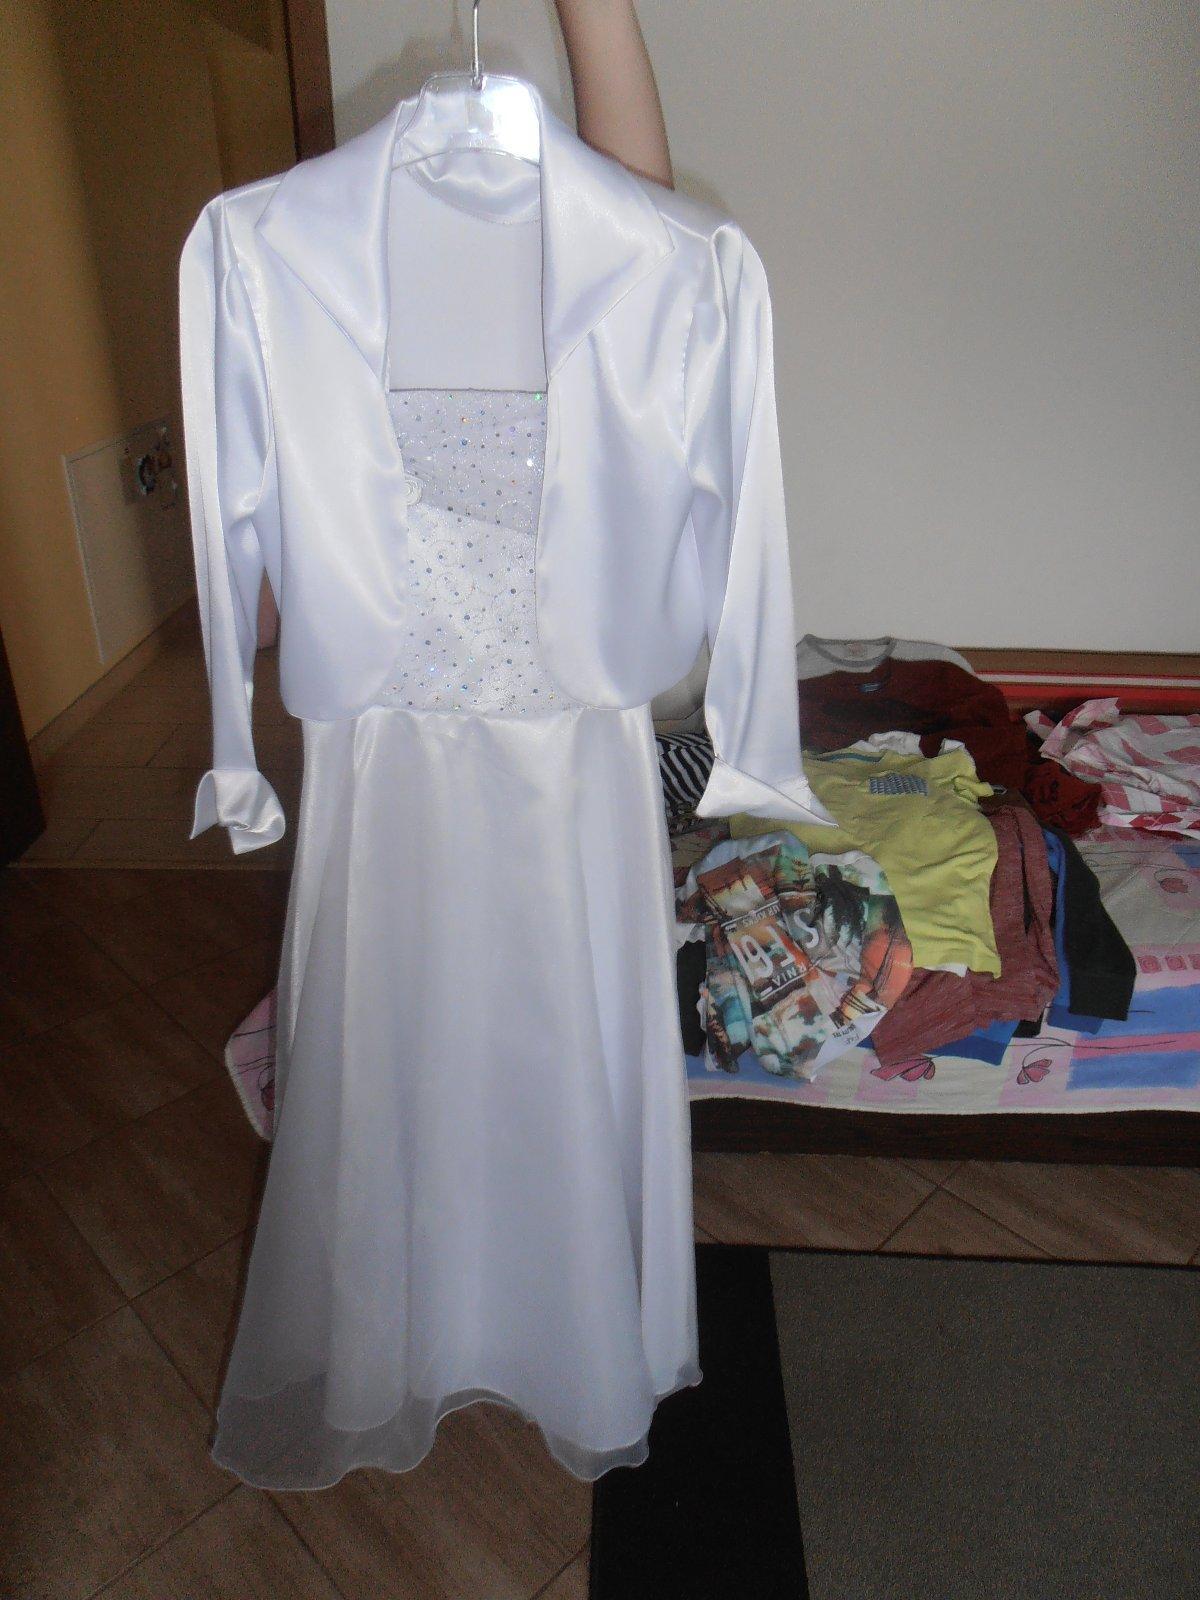 eaada2f512e9 Šaty snehovobiele na prvé sväté prijímanie č. 152